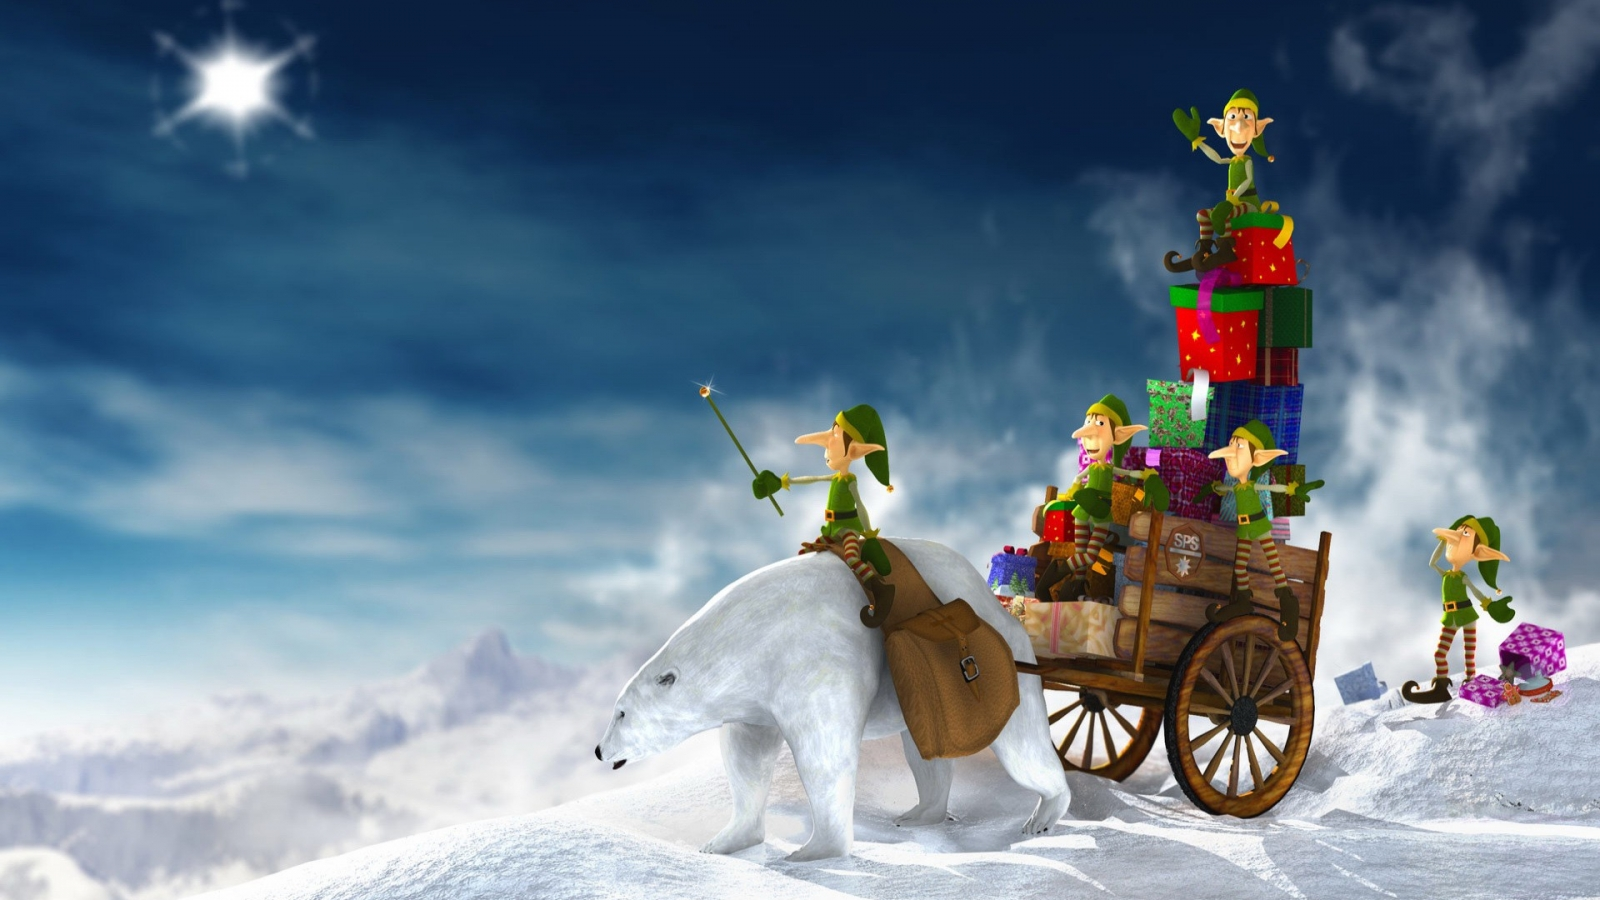 Dibujo de duendes repariendo regalos en navidad - 1600x900